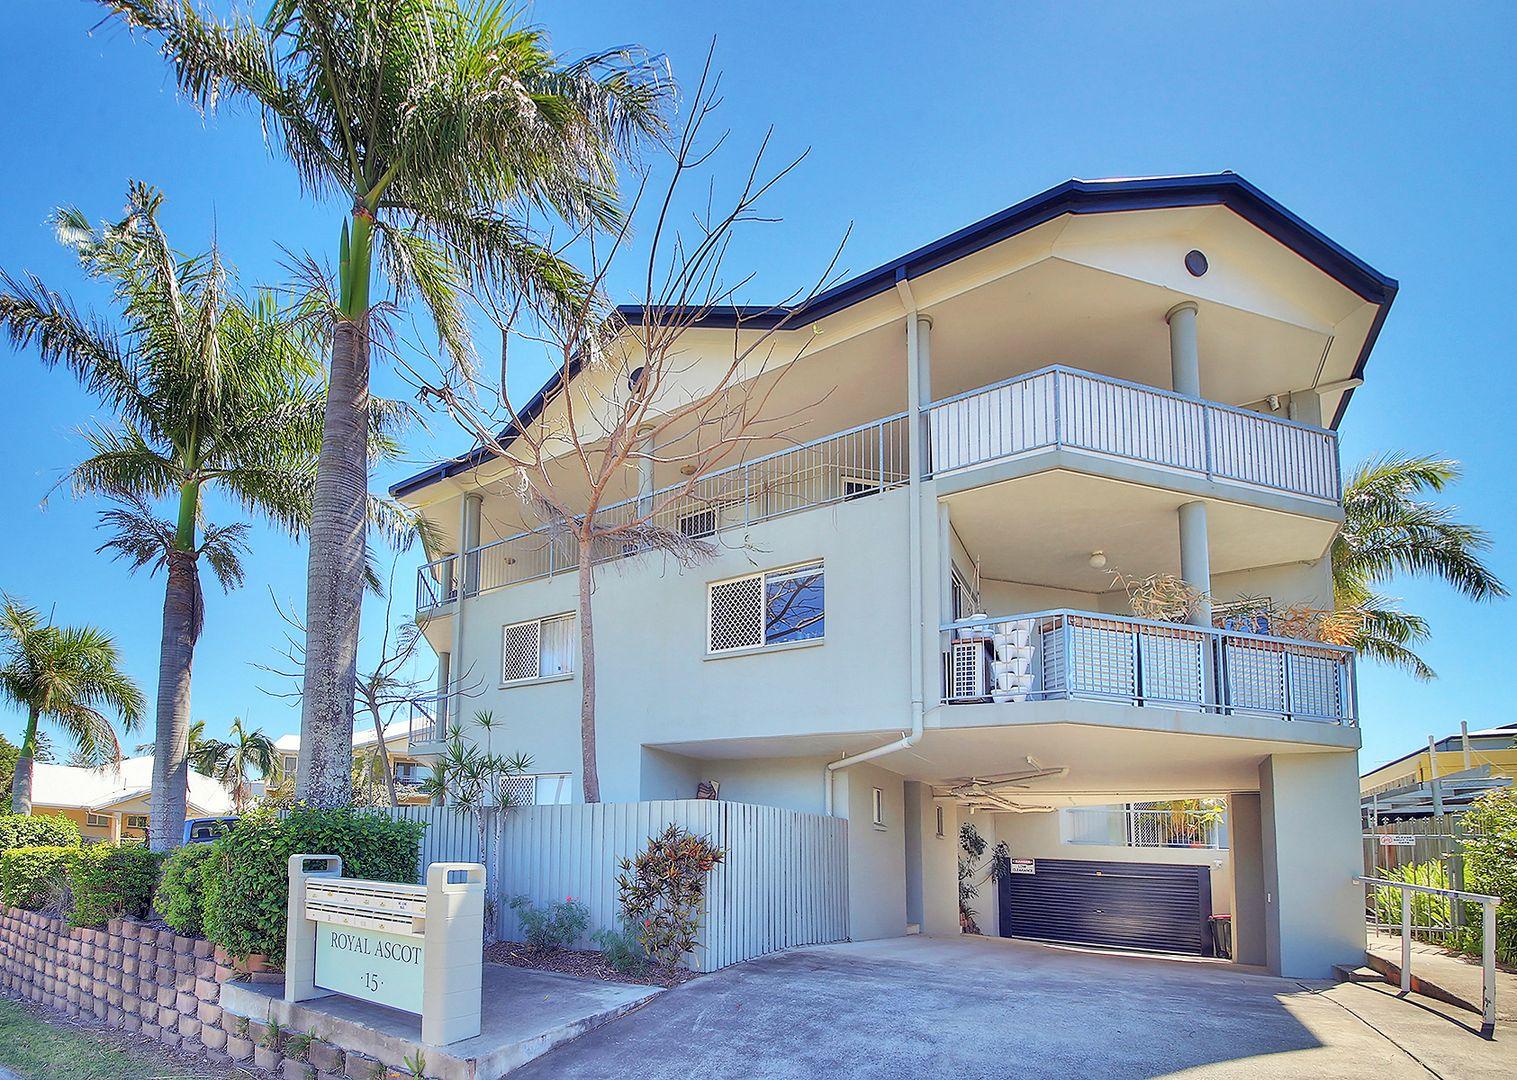 6/15 Nelson St, Yeronga QLD 4104, Image 0